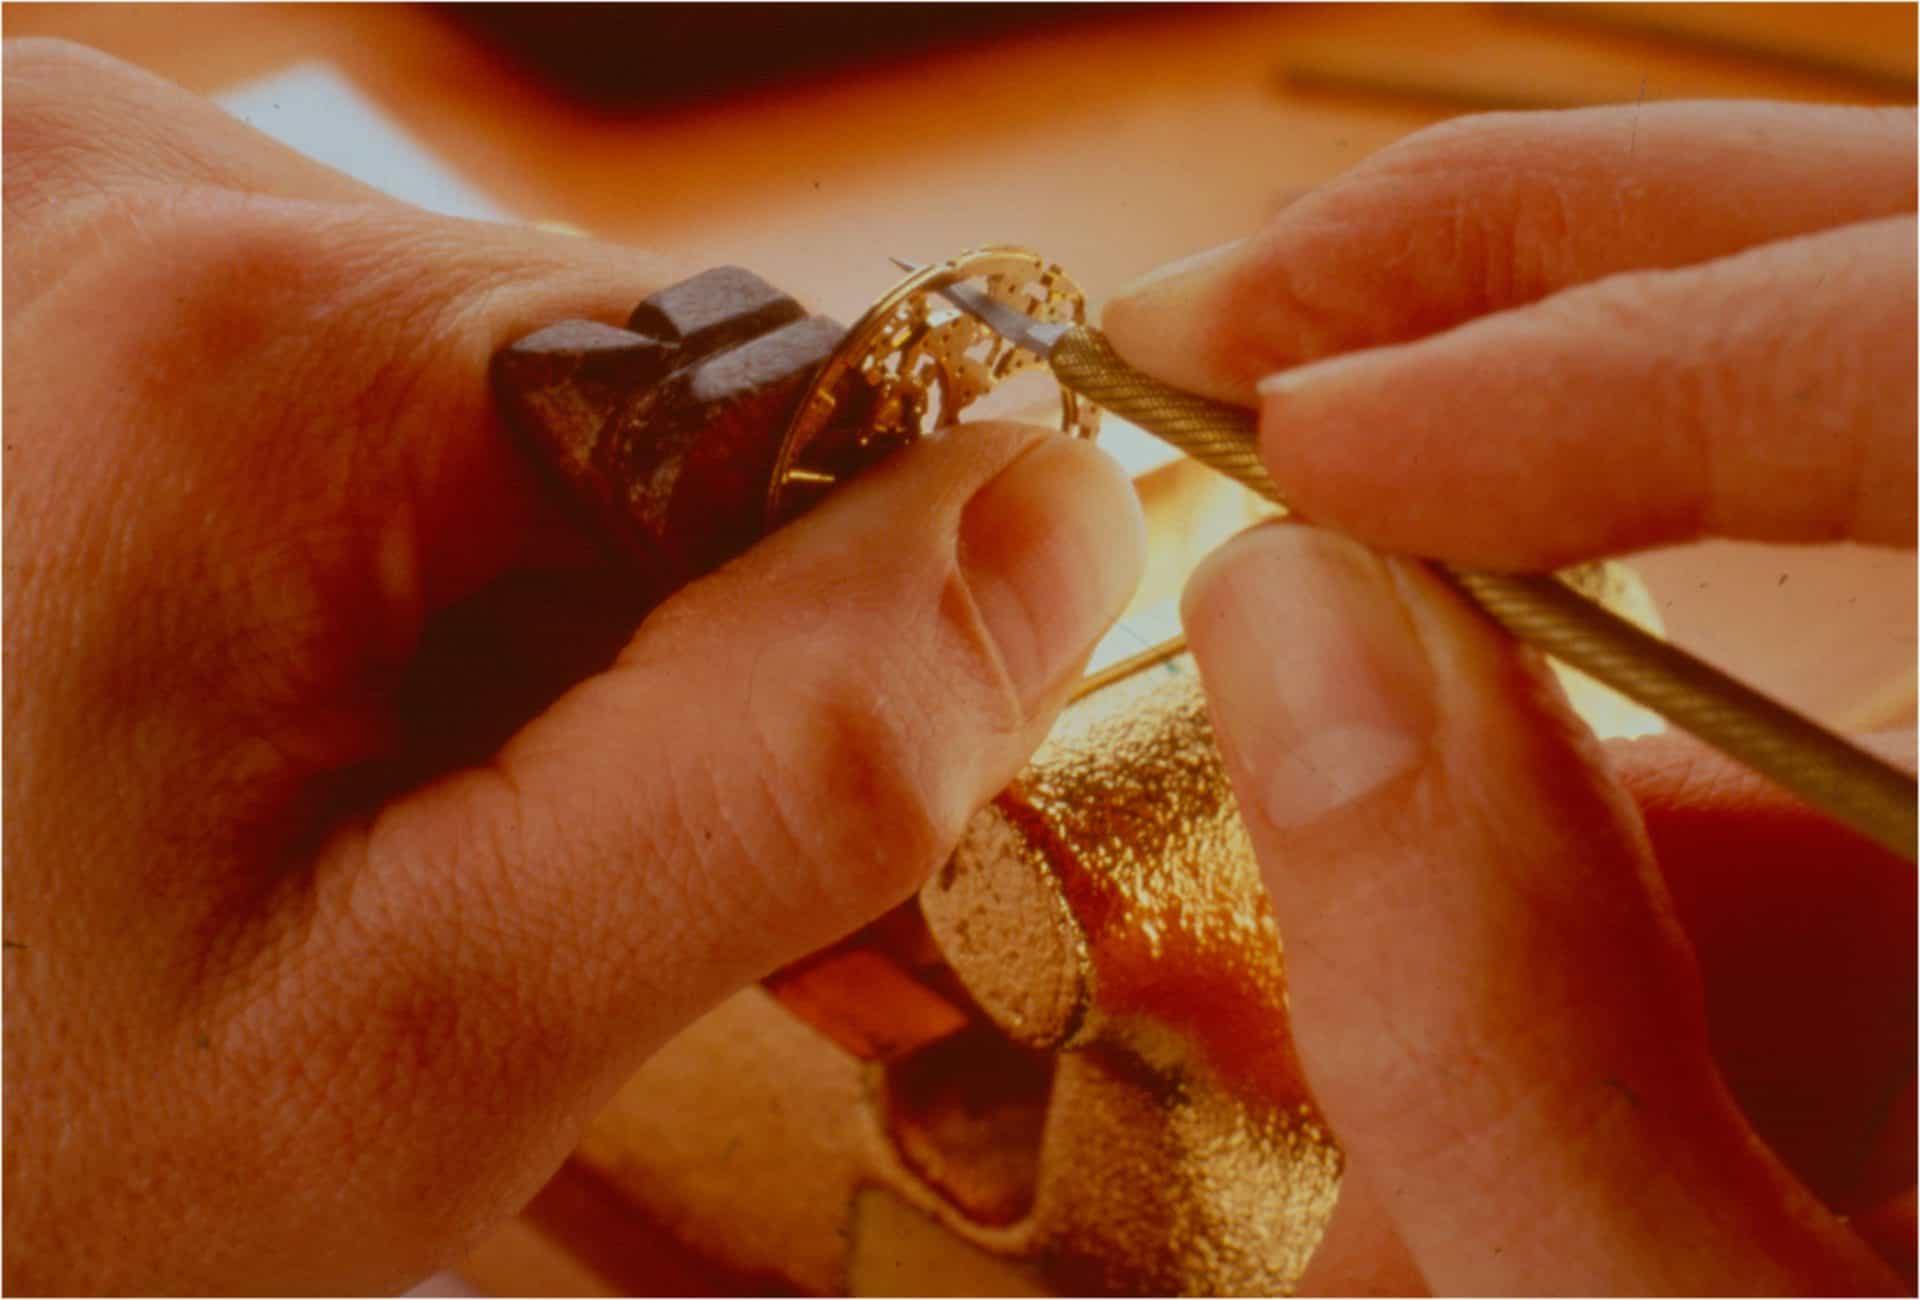 Das Entnehmen von Metall beim Skelettieren geschieht auch mit einer kleiner Säge